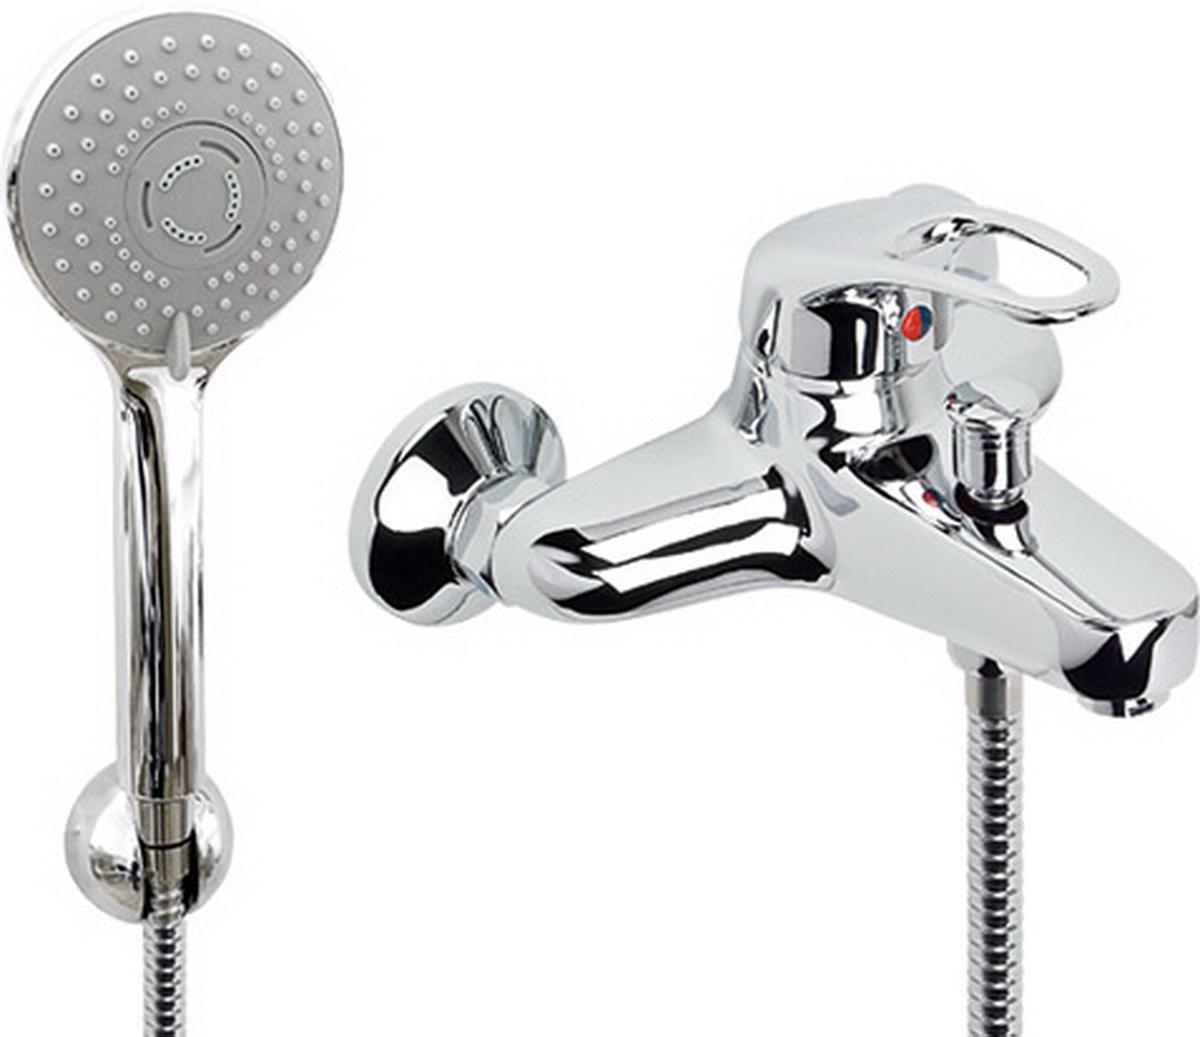 Смеситель для ванны Argo Jamaica Lux, длина 15 см68/5/1Смеситель для ванны Argo Jamaica Lux предназначен для смешивания холодной и горячей воды, устанавливается на стену. Выполнен из высококачественного металла с покрытием из никеля и хрома.Запорный механизм: картридж d-40 мм Short-sizeТип дайвотера: штоковыйАэратор: яцейковый М24х110-13 л/мин при 0,3 МПаКрепеж: эксцентрик 3/4 x 1/2, прокладка-фильтрКомплектация:Душевой шланг 150 см, хромированная нержавеющая сталь, двойной замок, 1/2 Душевая лейка Lux трехпозиционная: душ, массаж, аэро Кронштейн